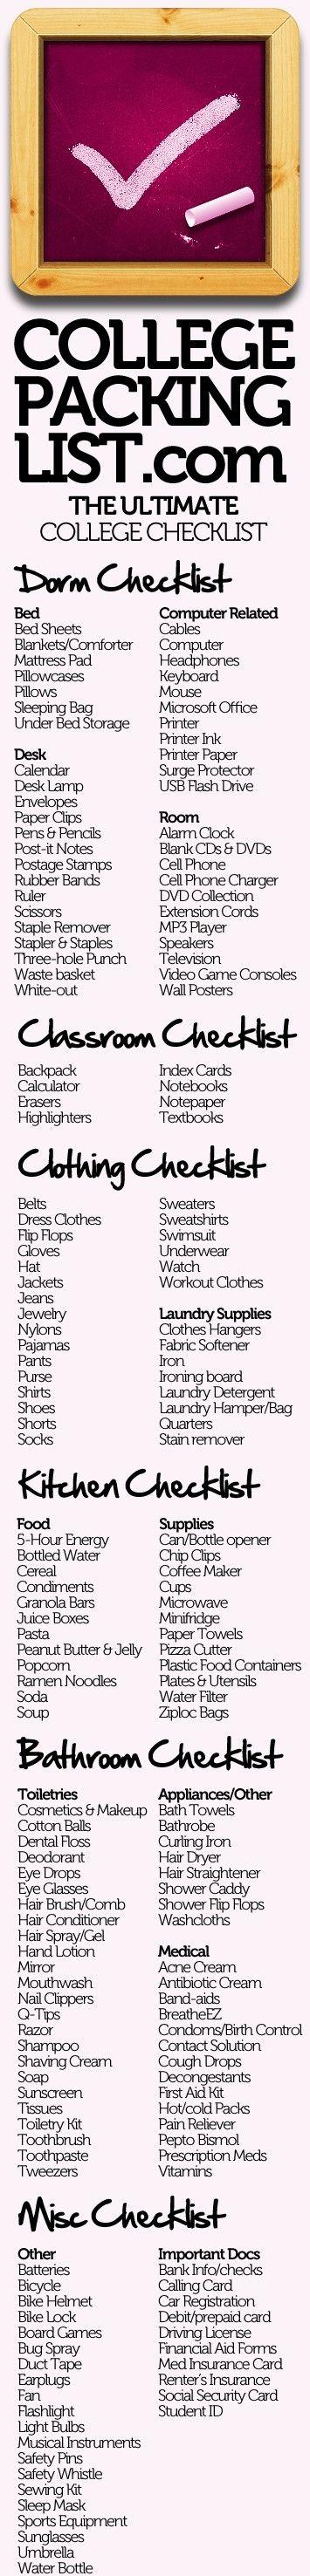 College Packing List by esperanza